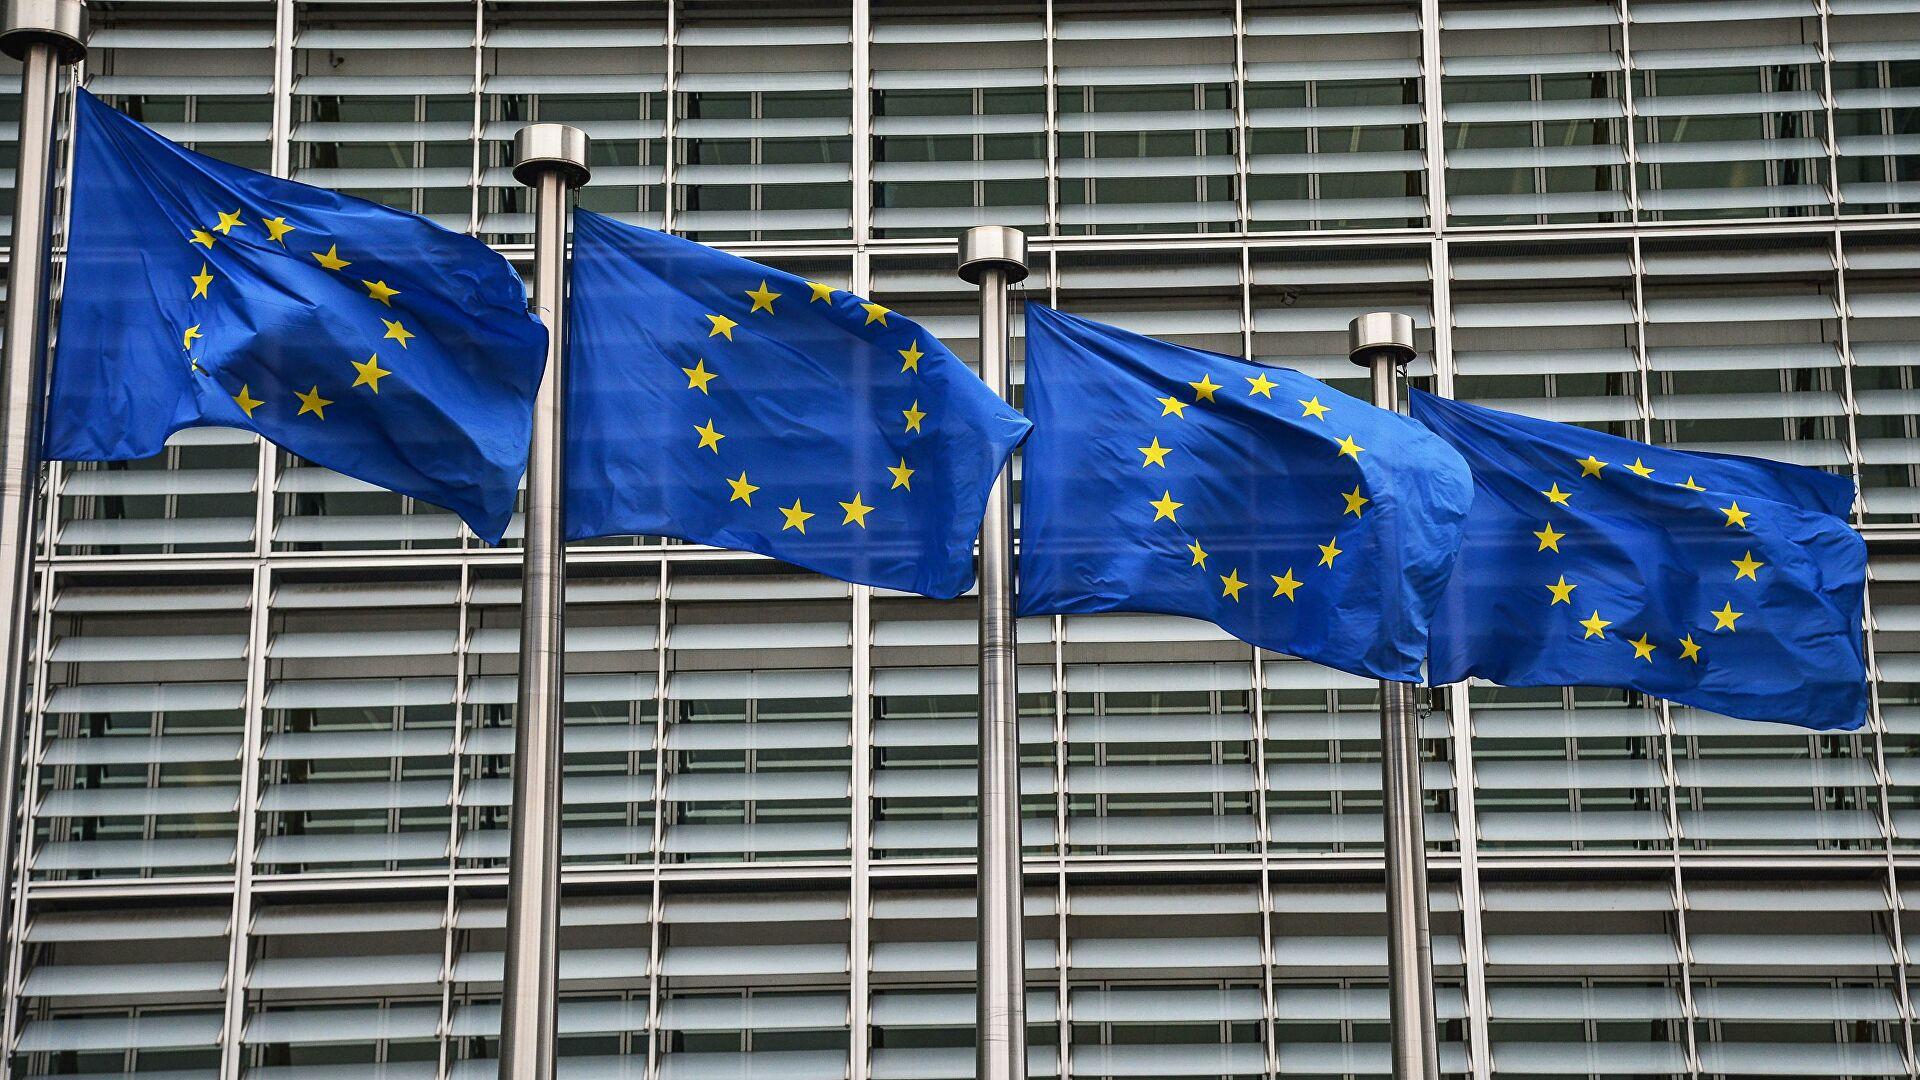 ЕУ позвала Турску да се у региону источног Медитерана уздржи од једностраних радњи